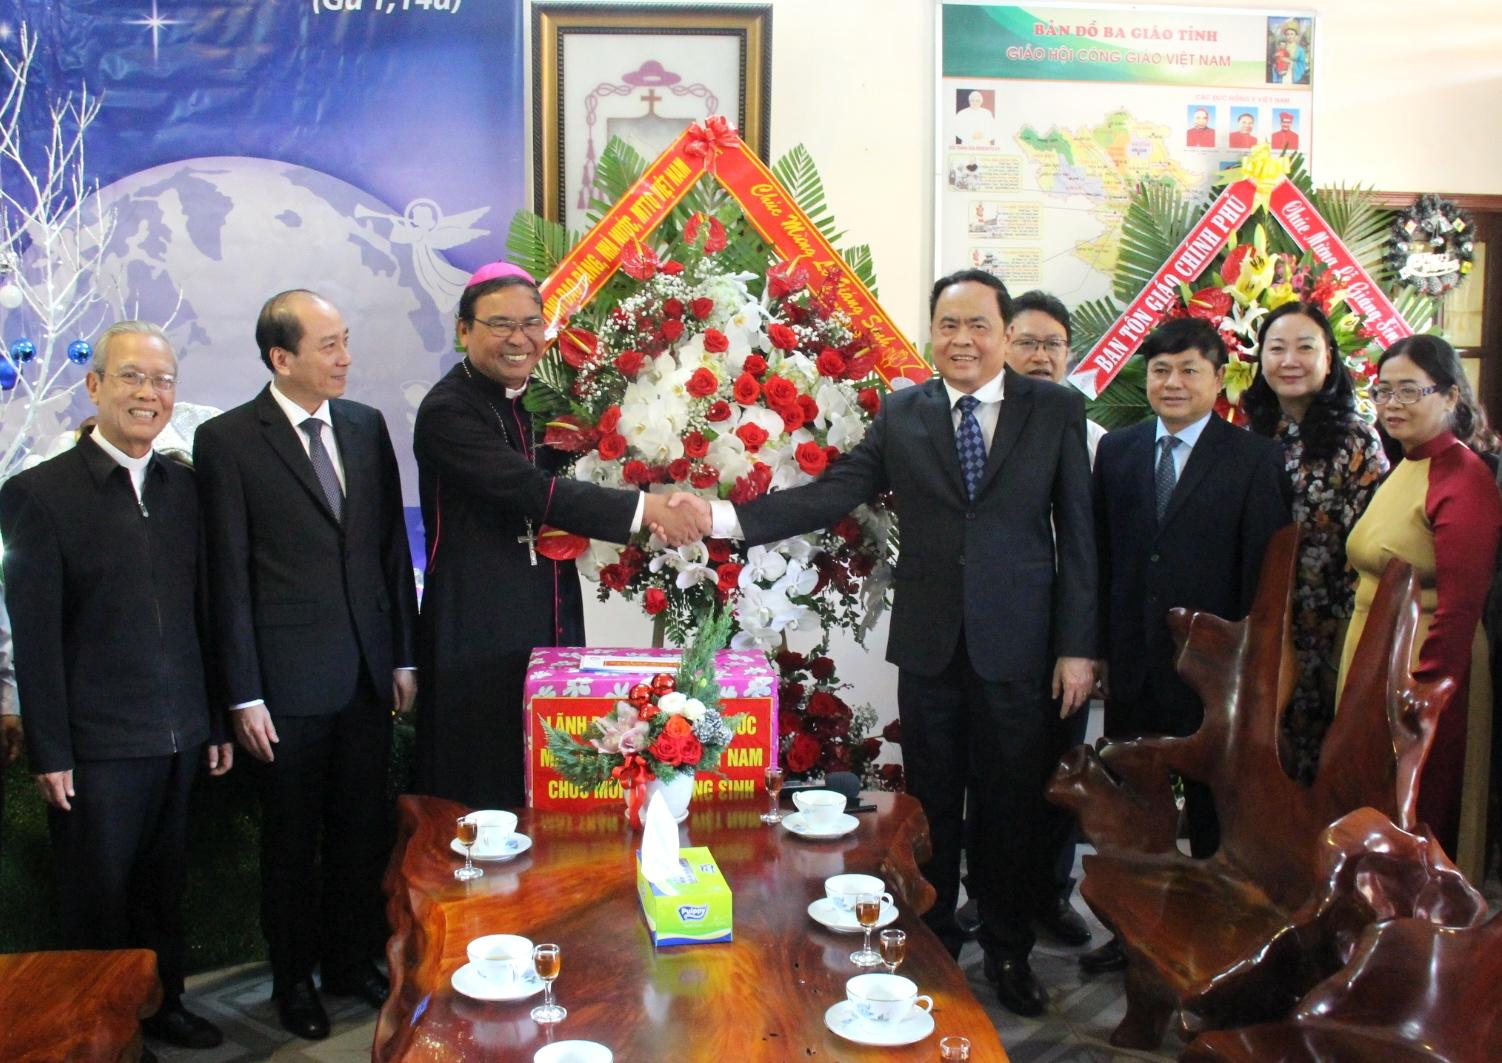 Chủ tịch Ủy ban Trung ương Mặt trận Tổ quốc Việt Nam chúc mừng các tổ chức tôn giáo nhân dịp Lễ Giáng sinh năm 2019